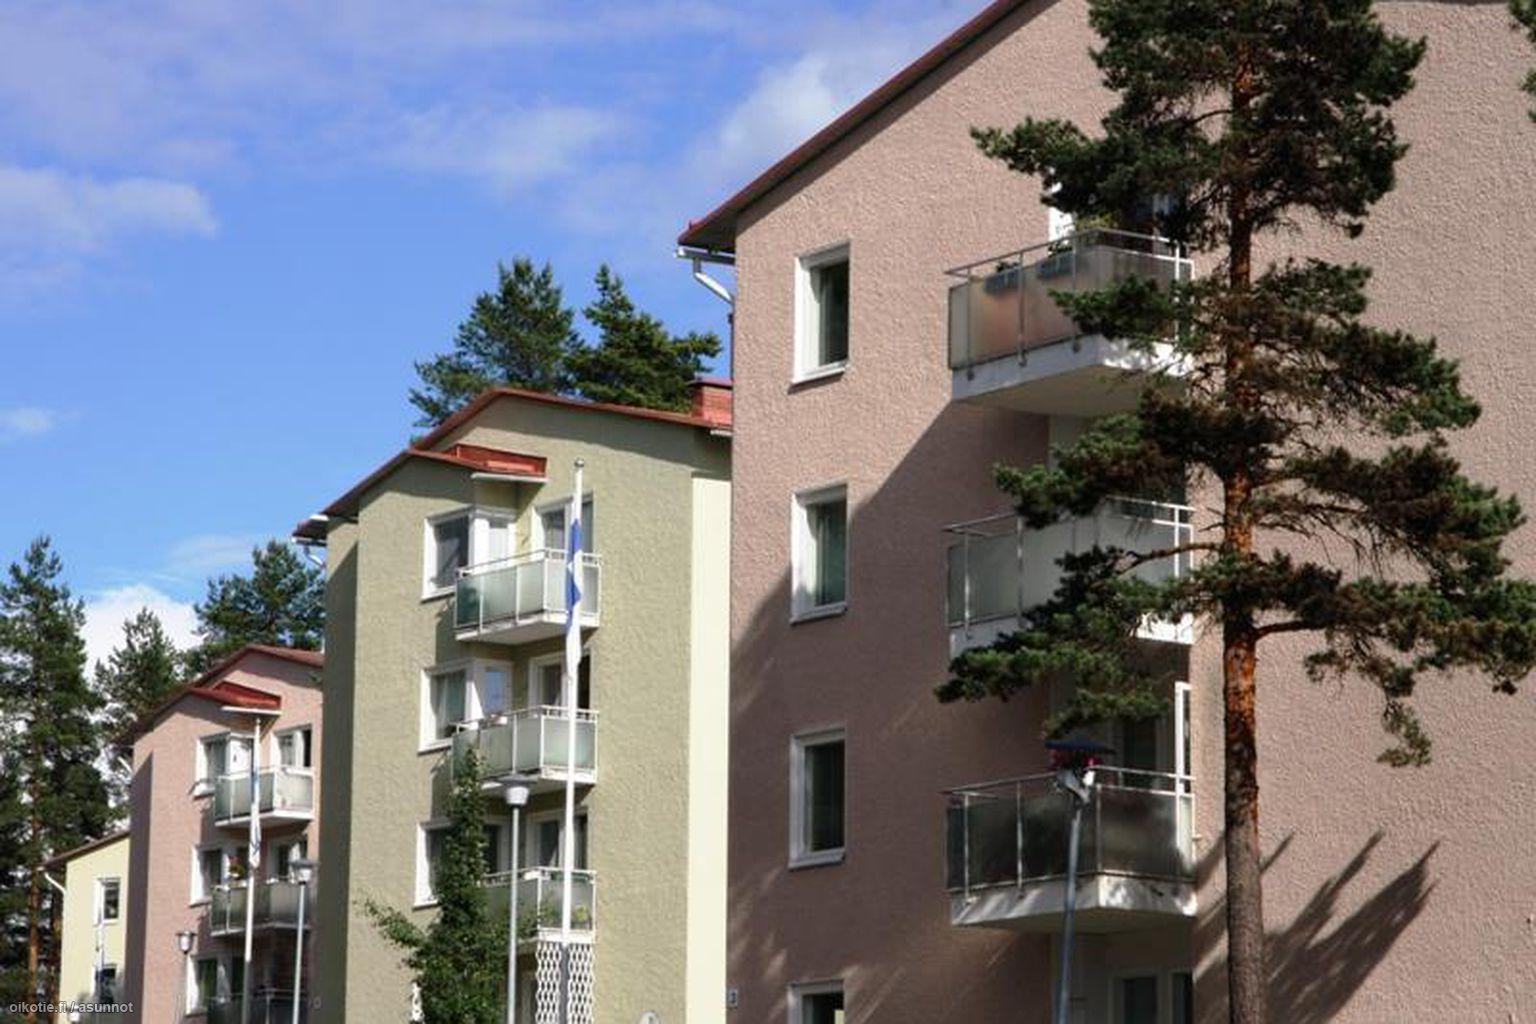 62,6 m² Sakaristontie 7, 45100 Kouvola Kerrostalo Kaksio vuokrattavana - Oikotie 14856390